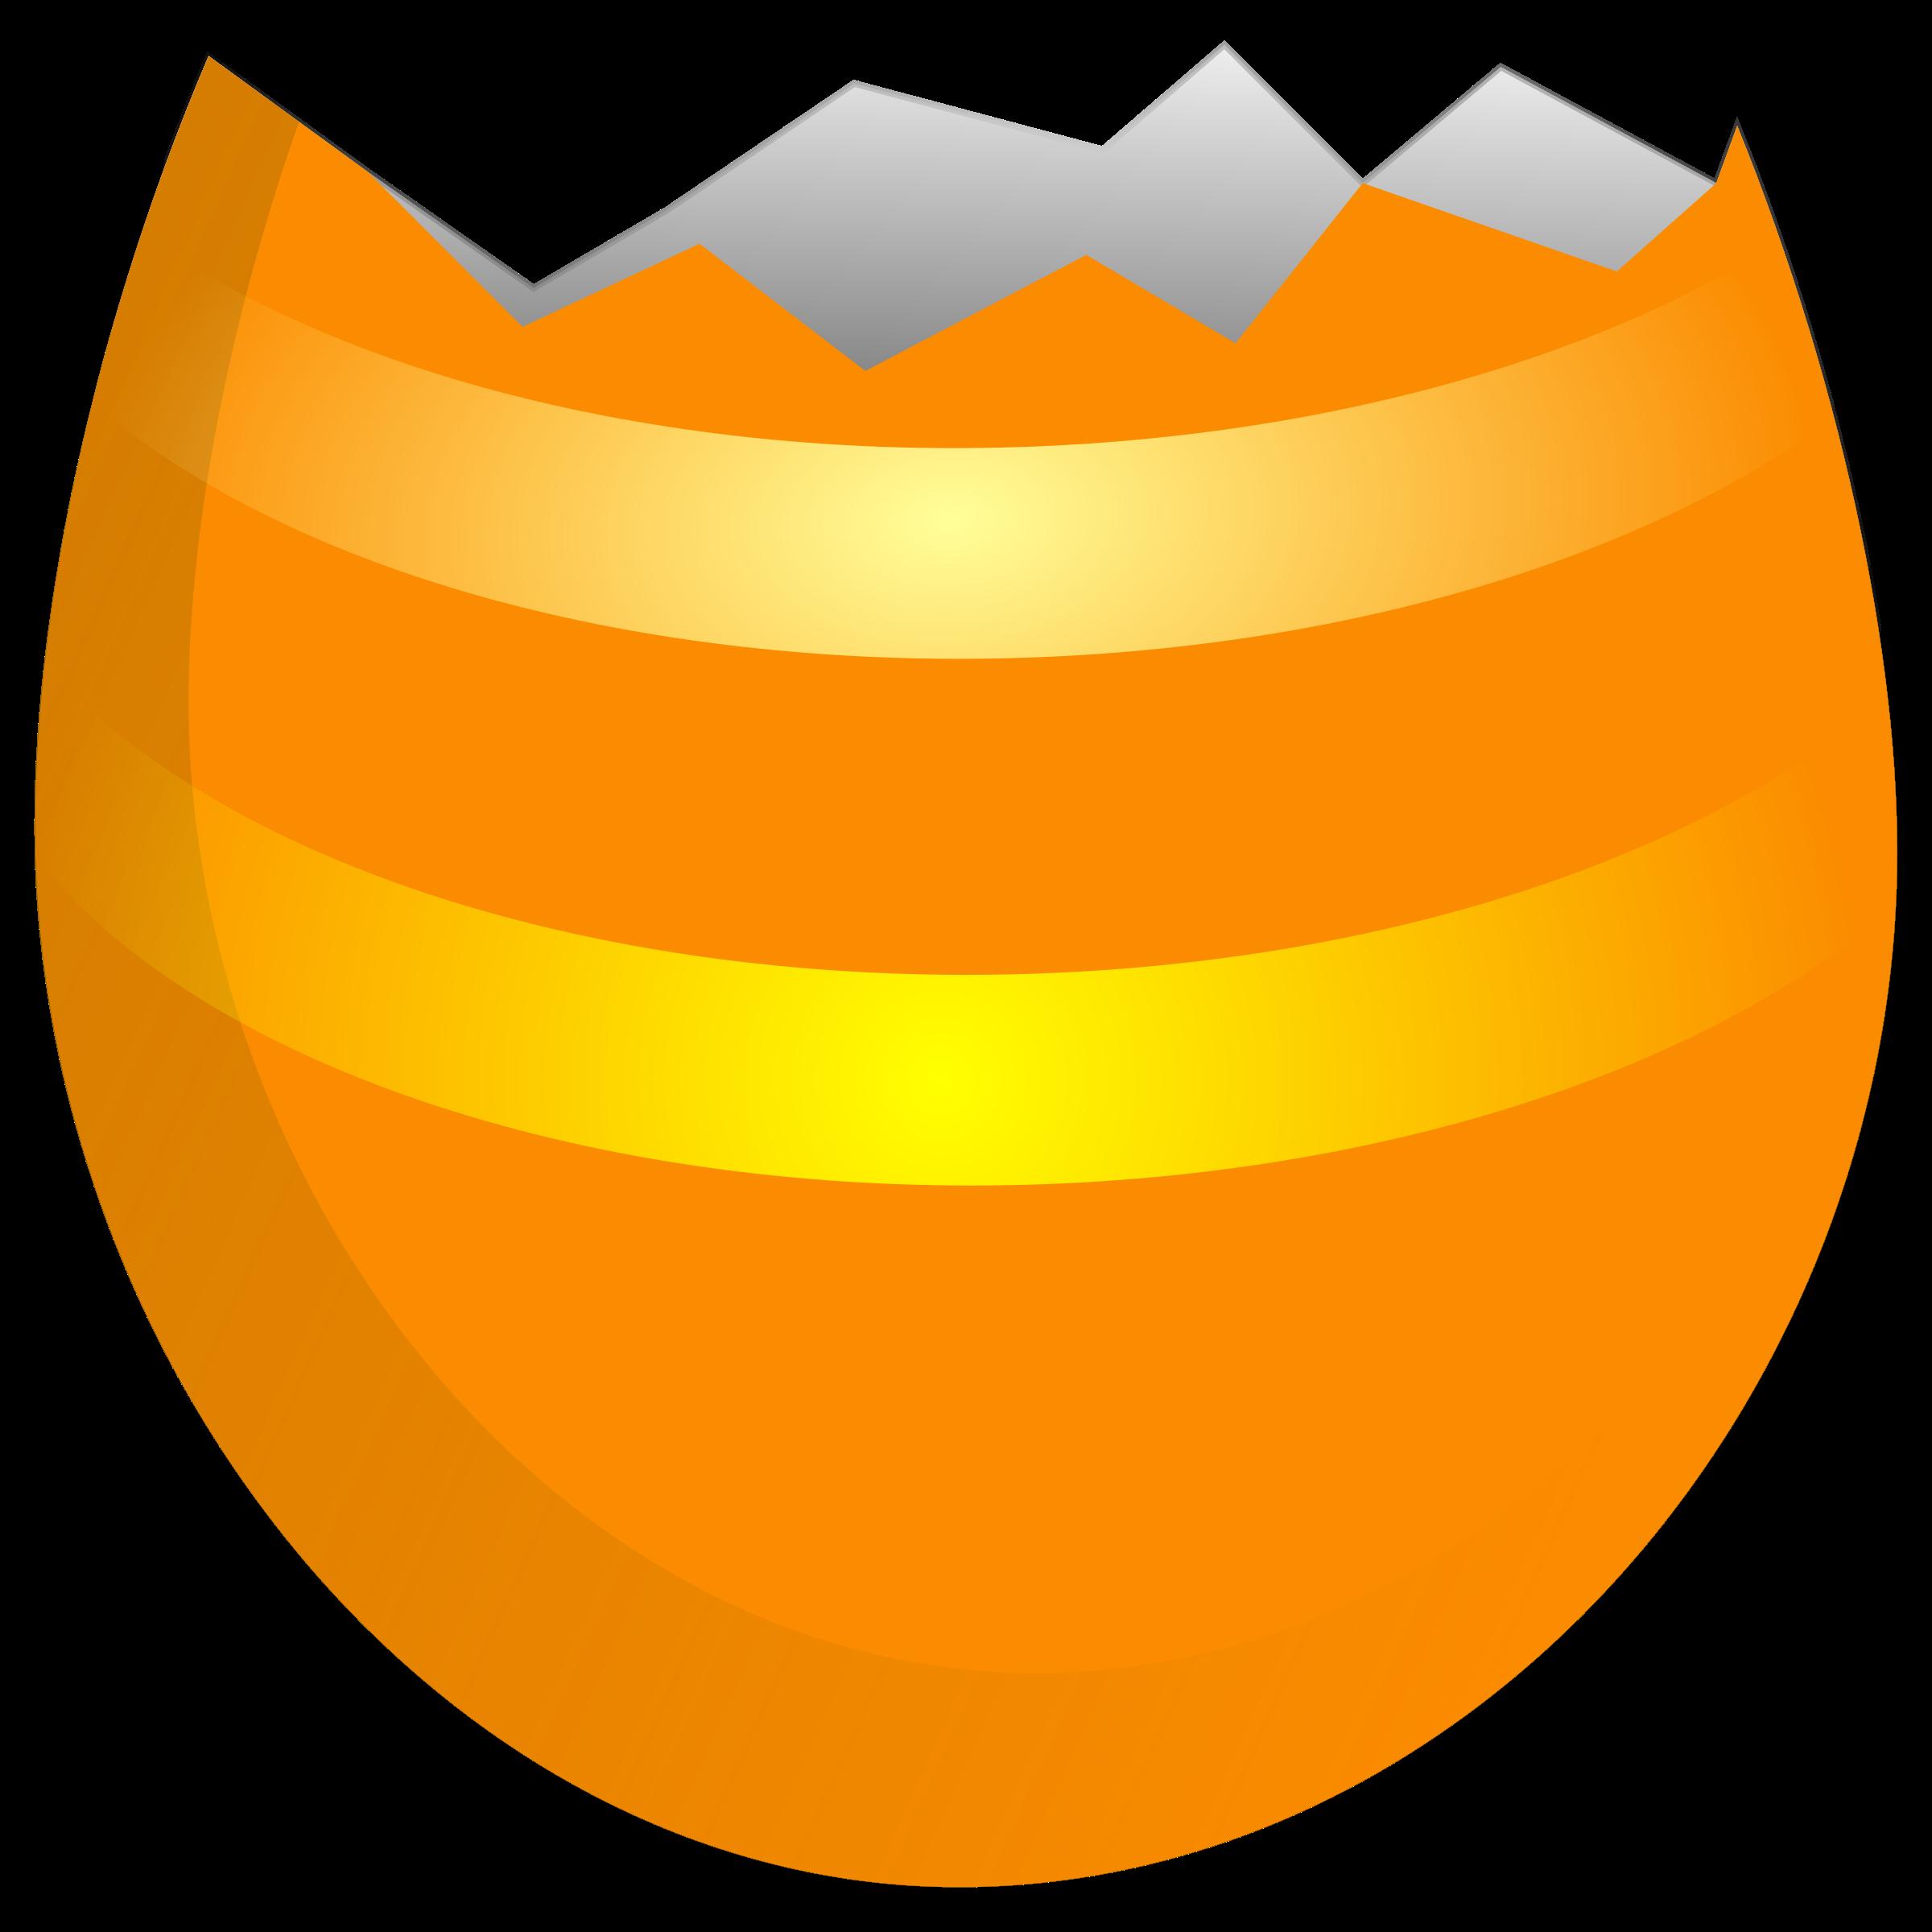 clipart cracked easter egg